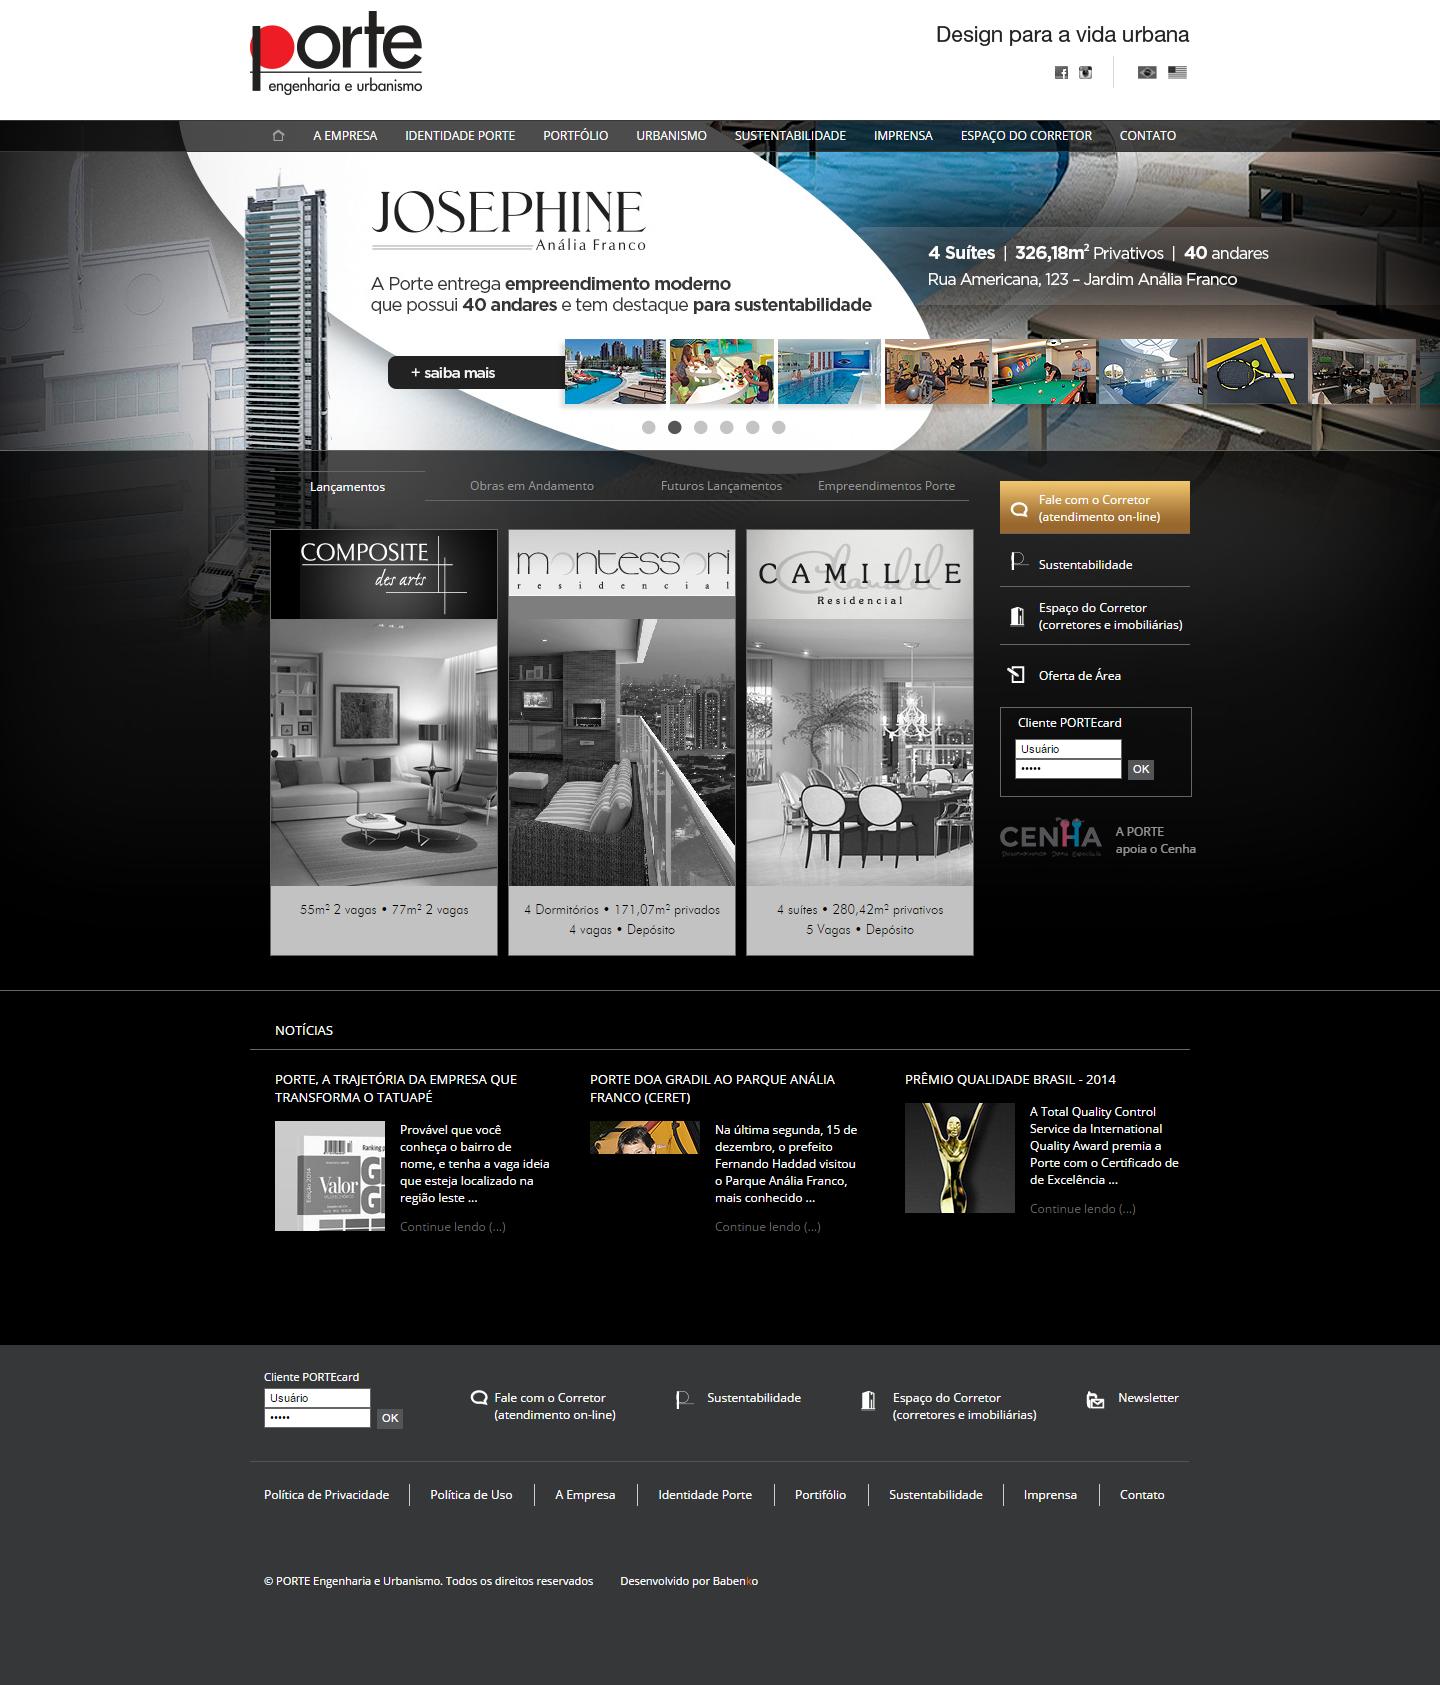 BABENKO agencia publicidade - Desenvolvimento Criação de Design de Sites para Porte Construtora